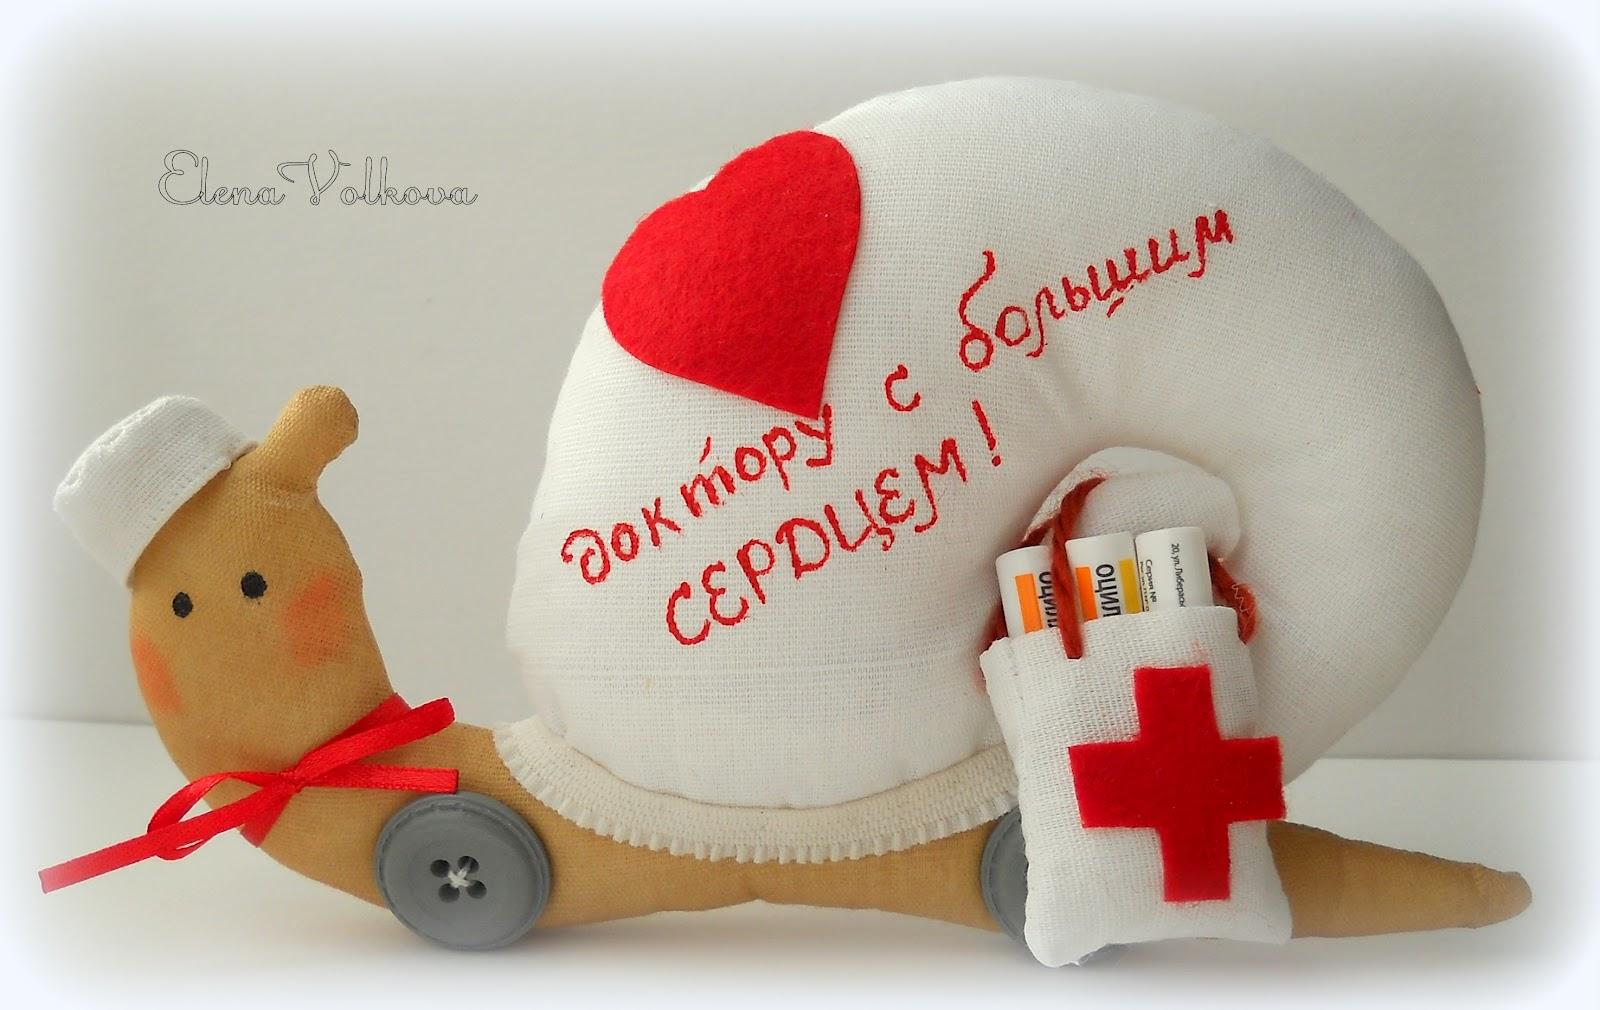 Подарок врачу на день медика 10